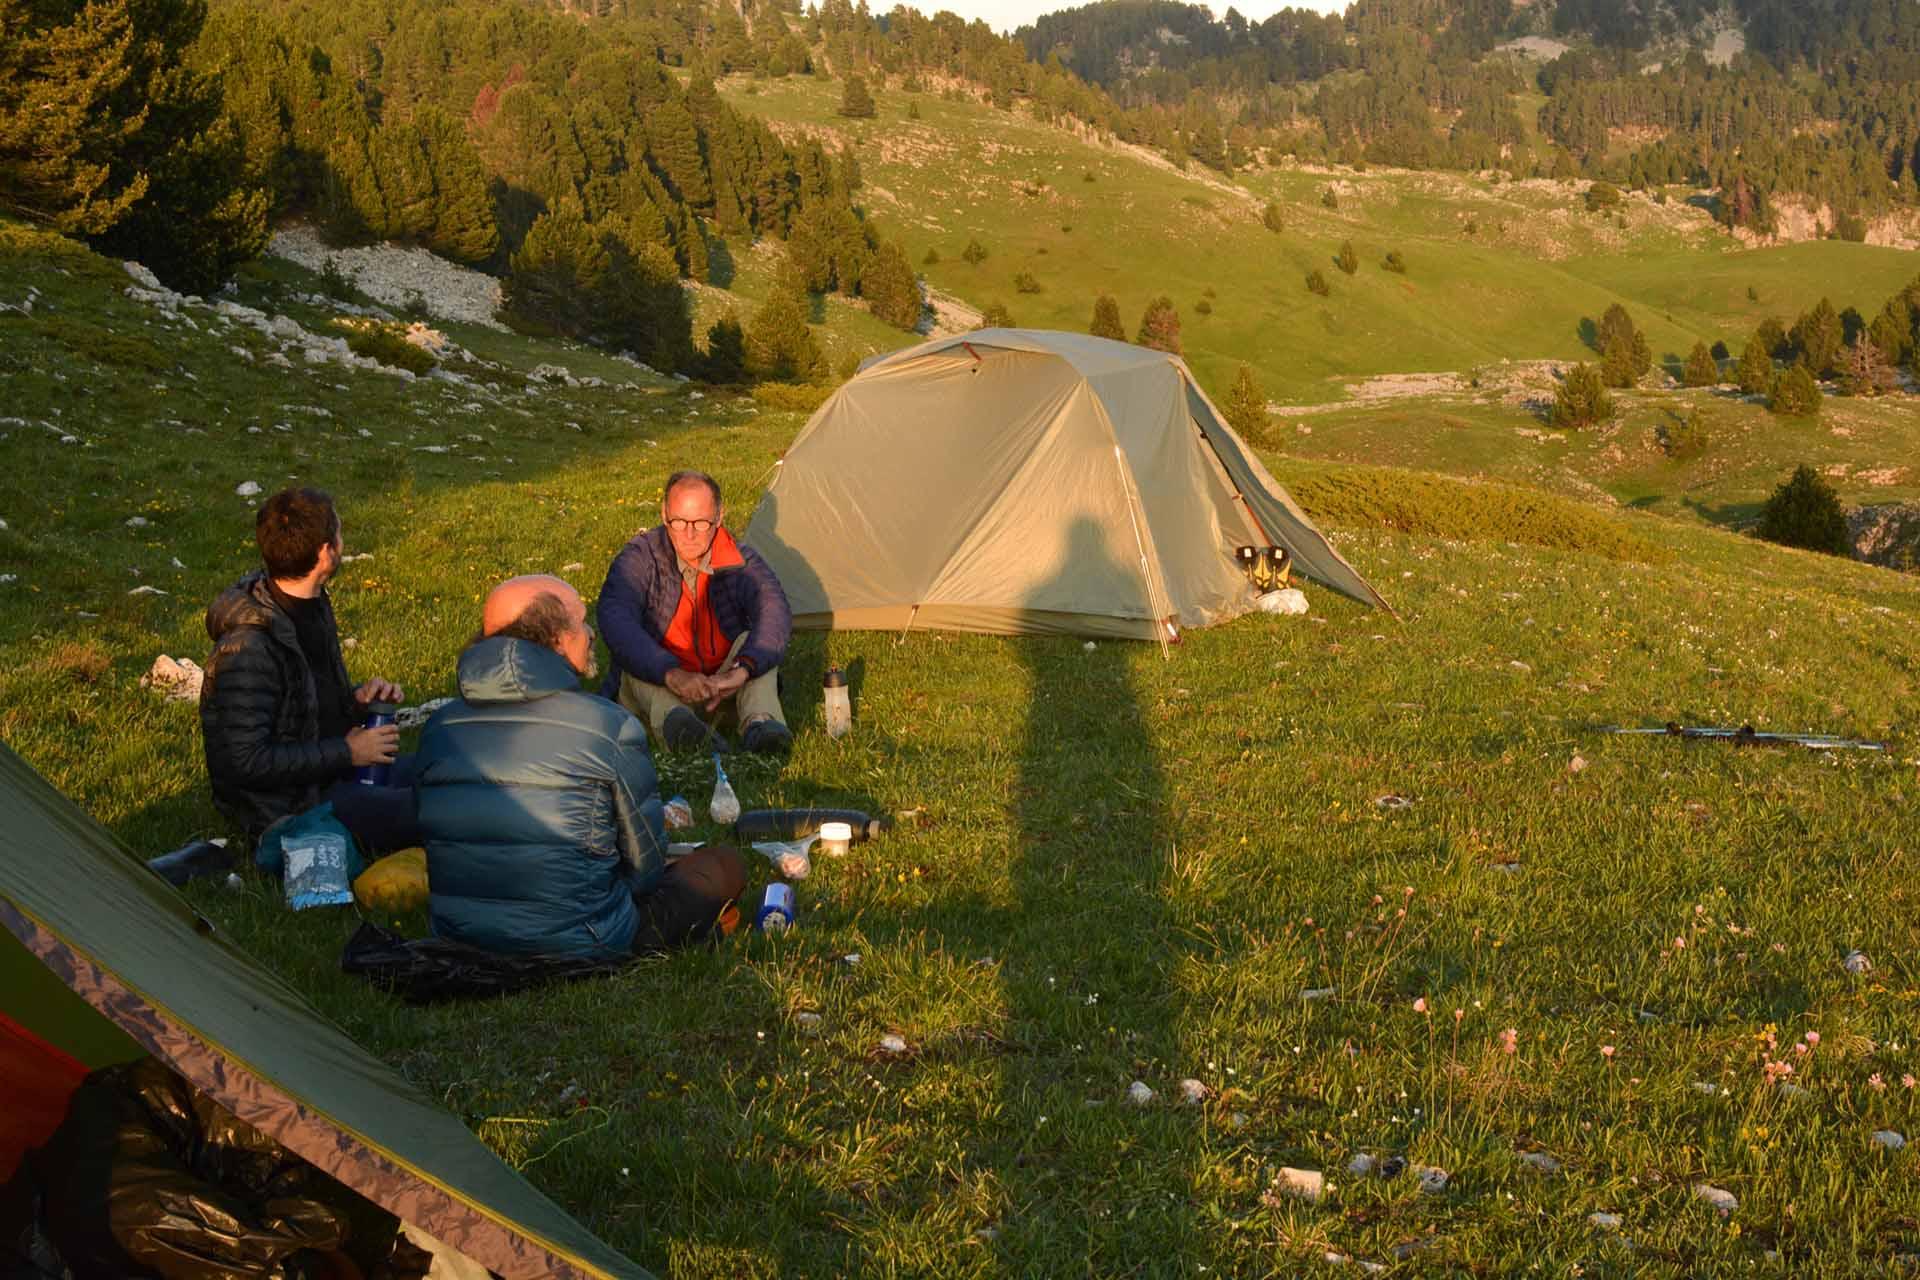 Slow Rando Sejour Liberte Decouverte Bivouac Hauts Plateaux Vercors Mont Aiguille Tipi Tente 2